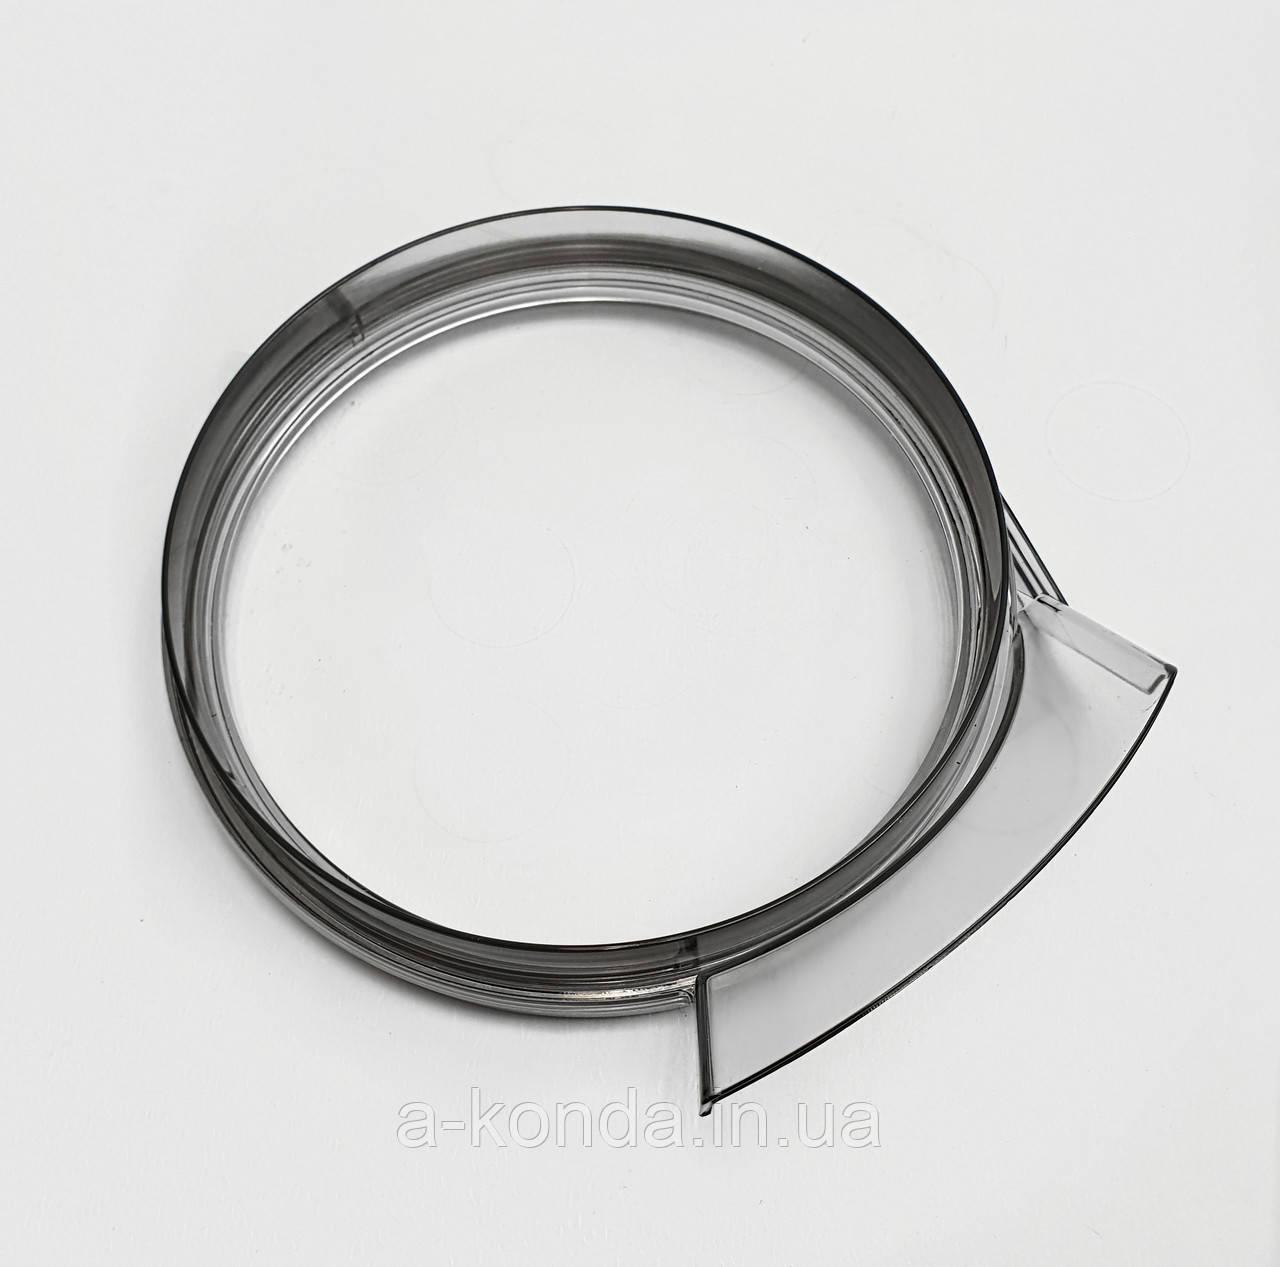 Кольцо сокосборника для соковыжималки Zelmer 476.0005 798330